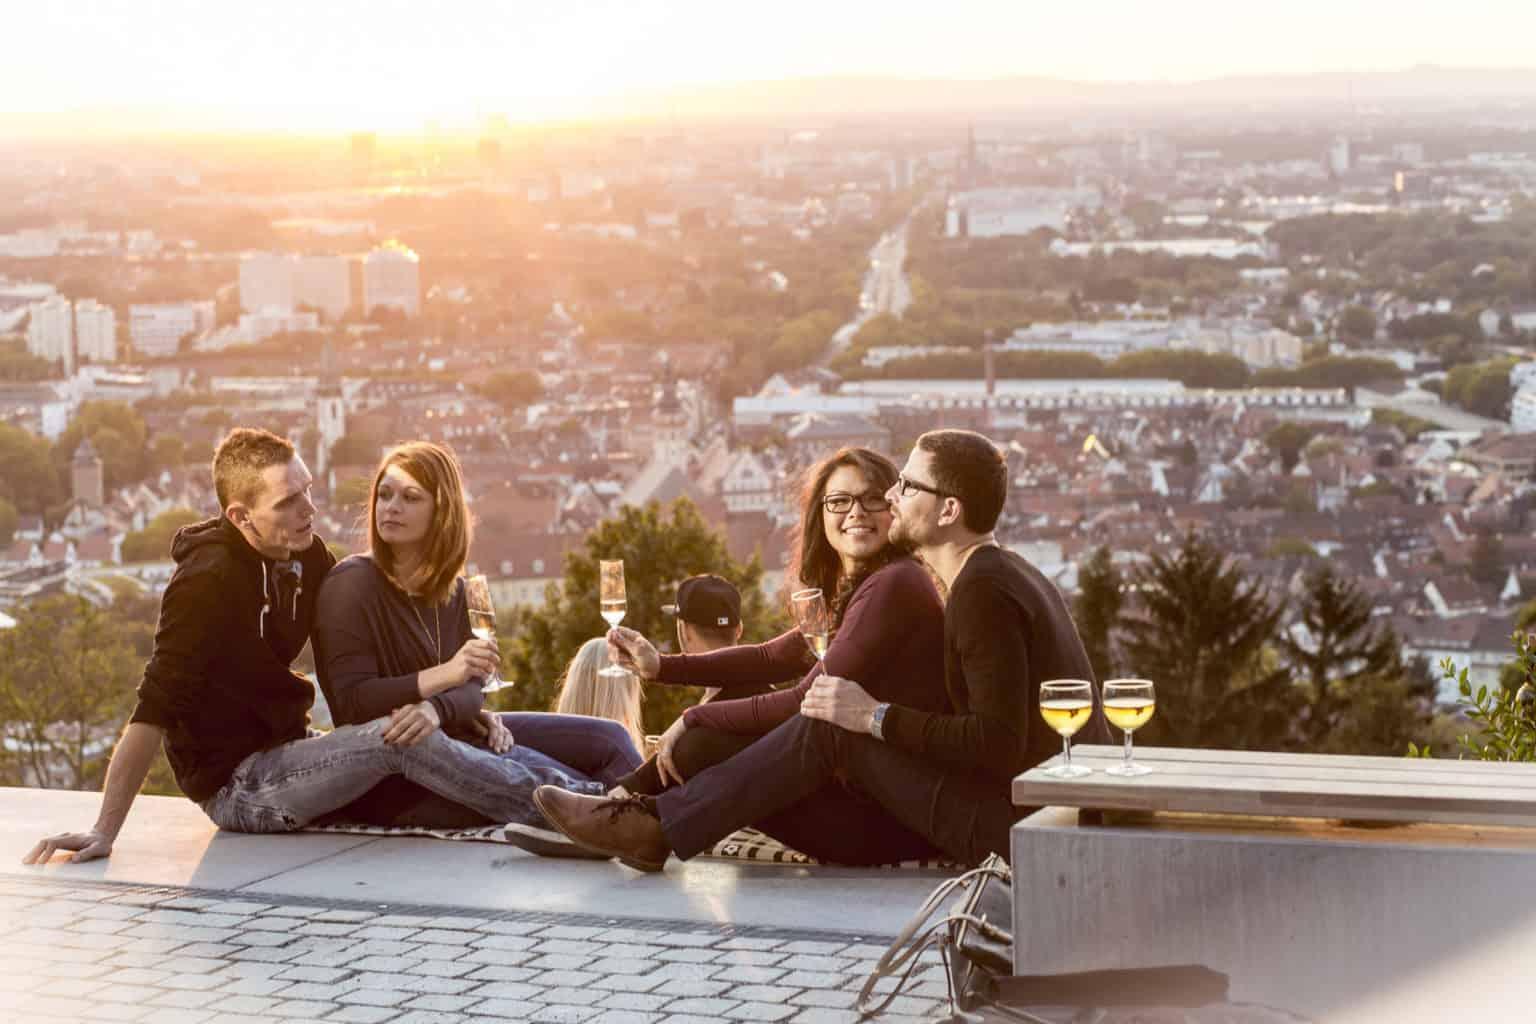 Karlsruhe de warmste stadt van Duitsland met jonge mensen die wijn drinken